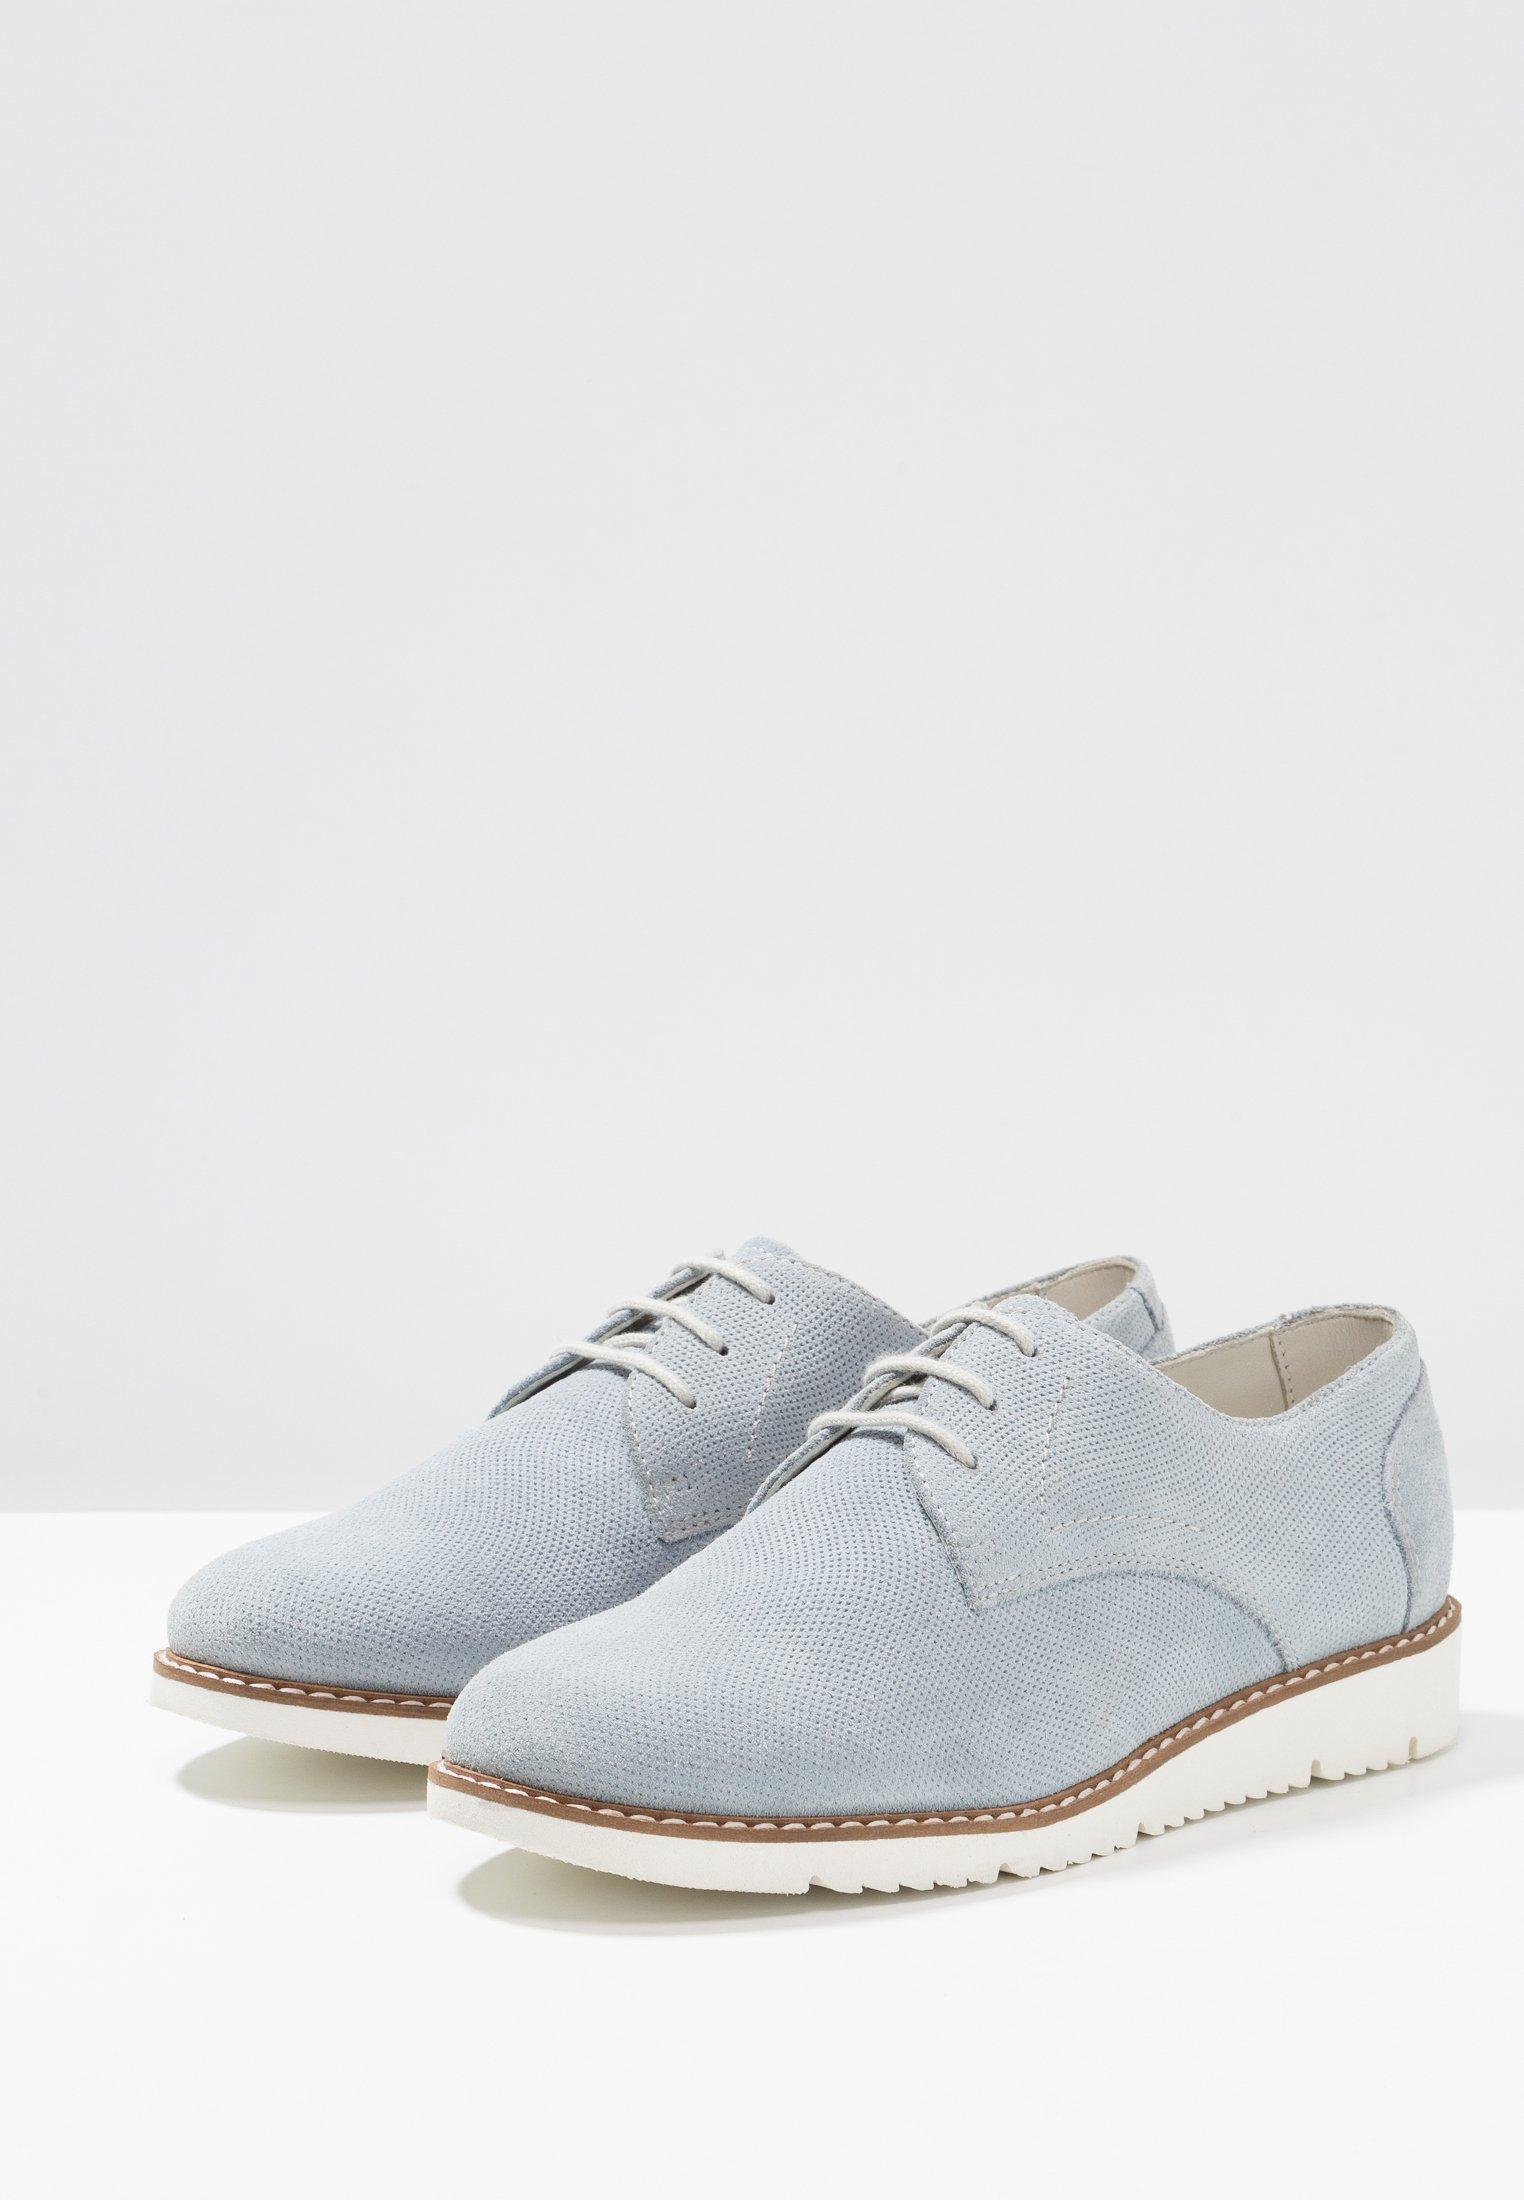 Pier One Chaussures à lacets - light blue light blue